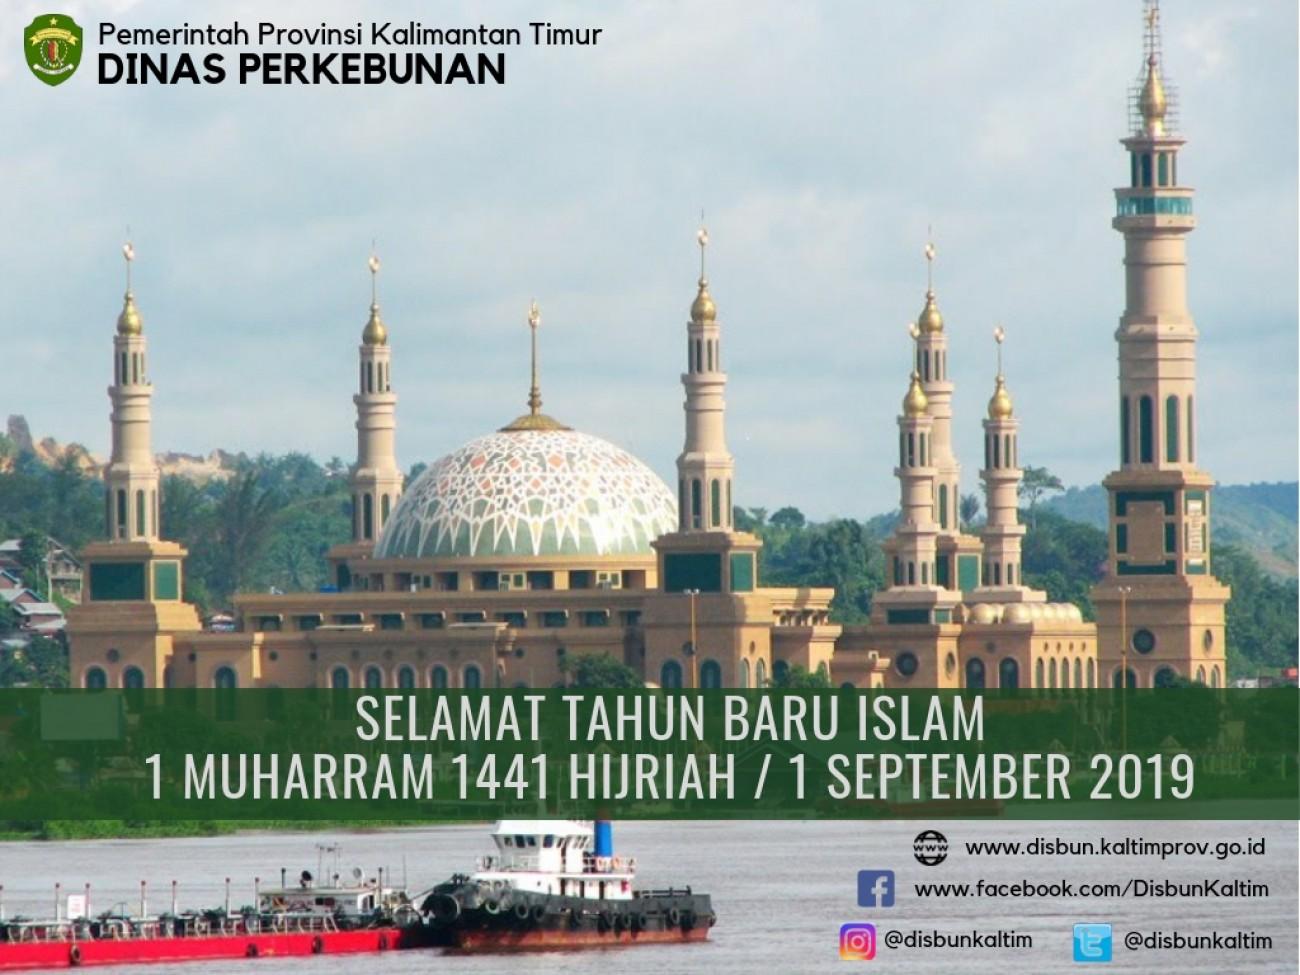 Selamat Tahun Baru Islam, 1 Muharram 1441 Hijriah